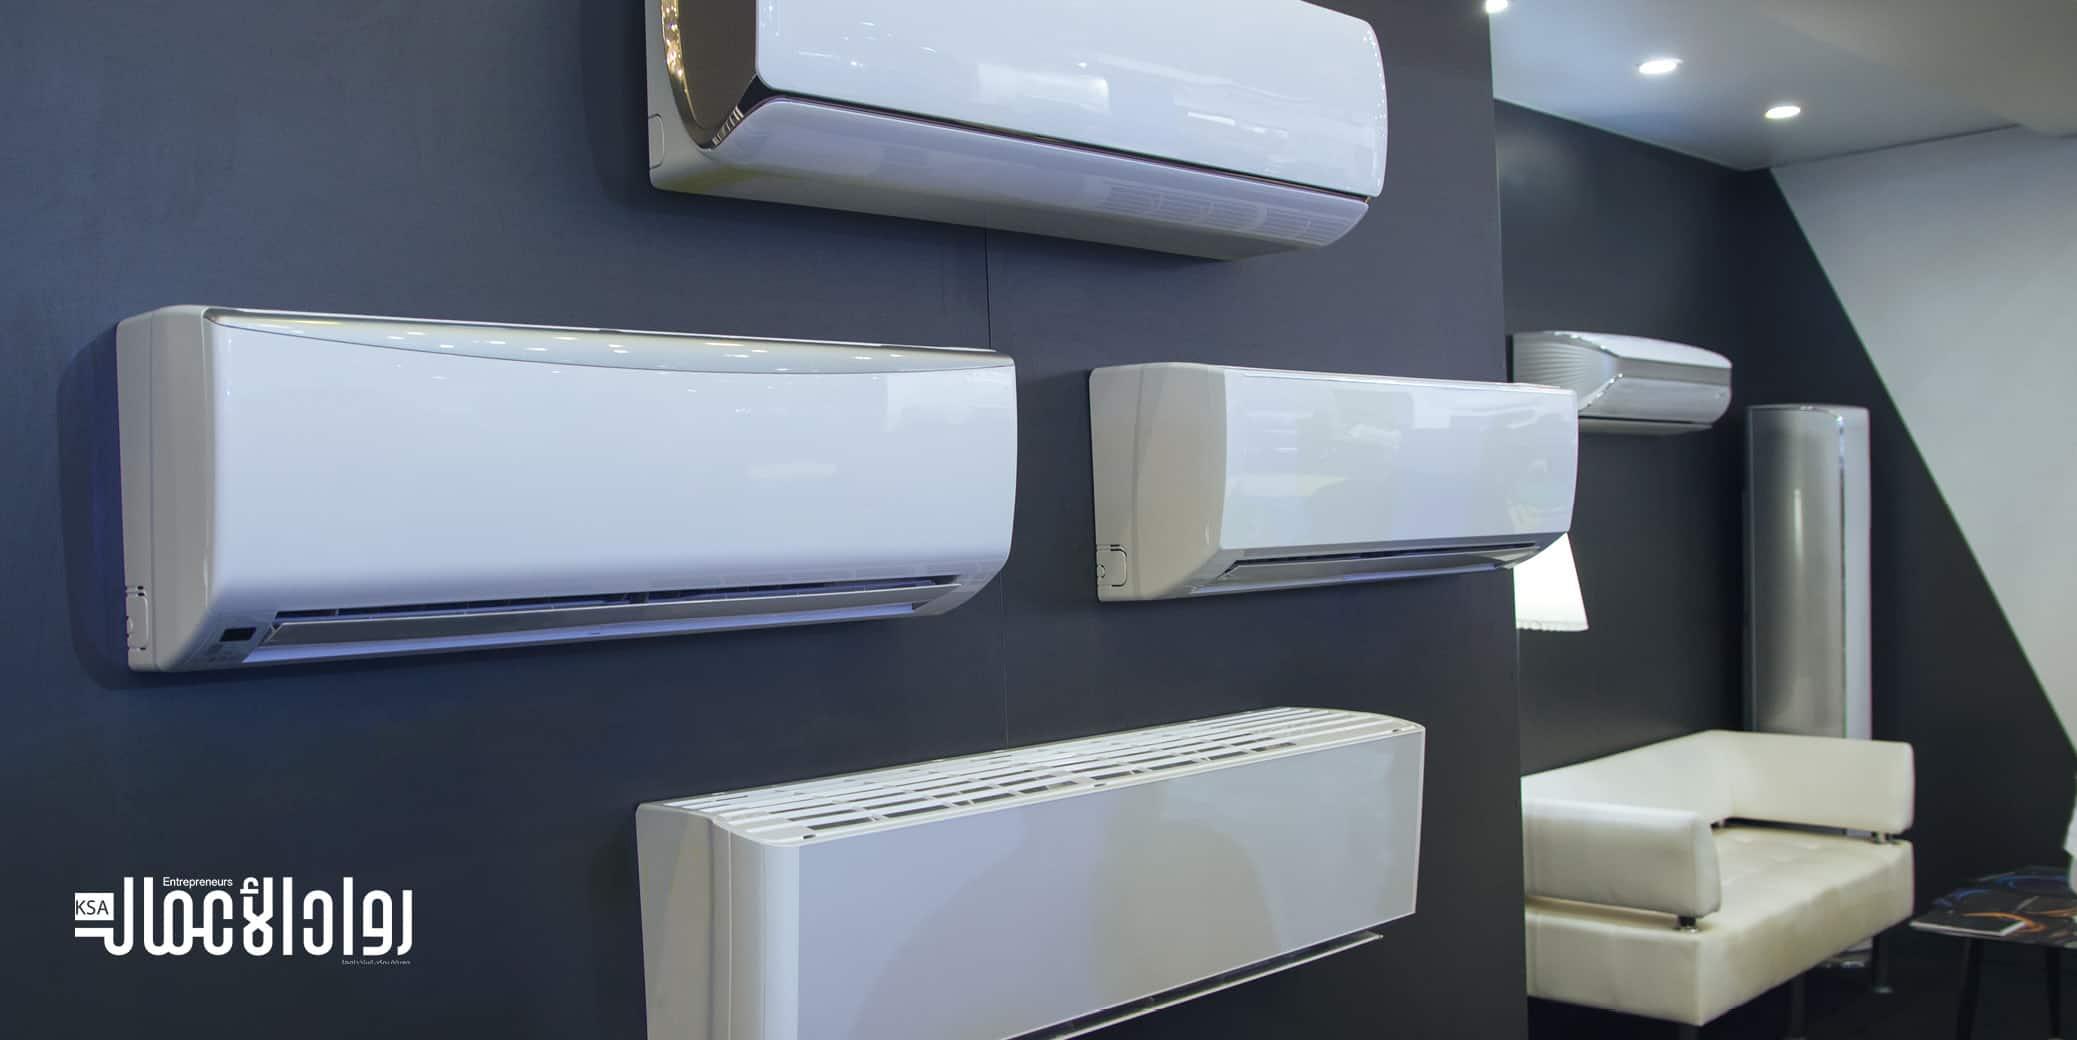 مشروع بيع مكيفات الهواء